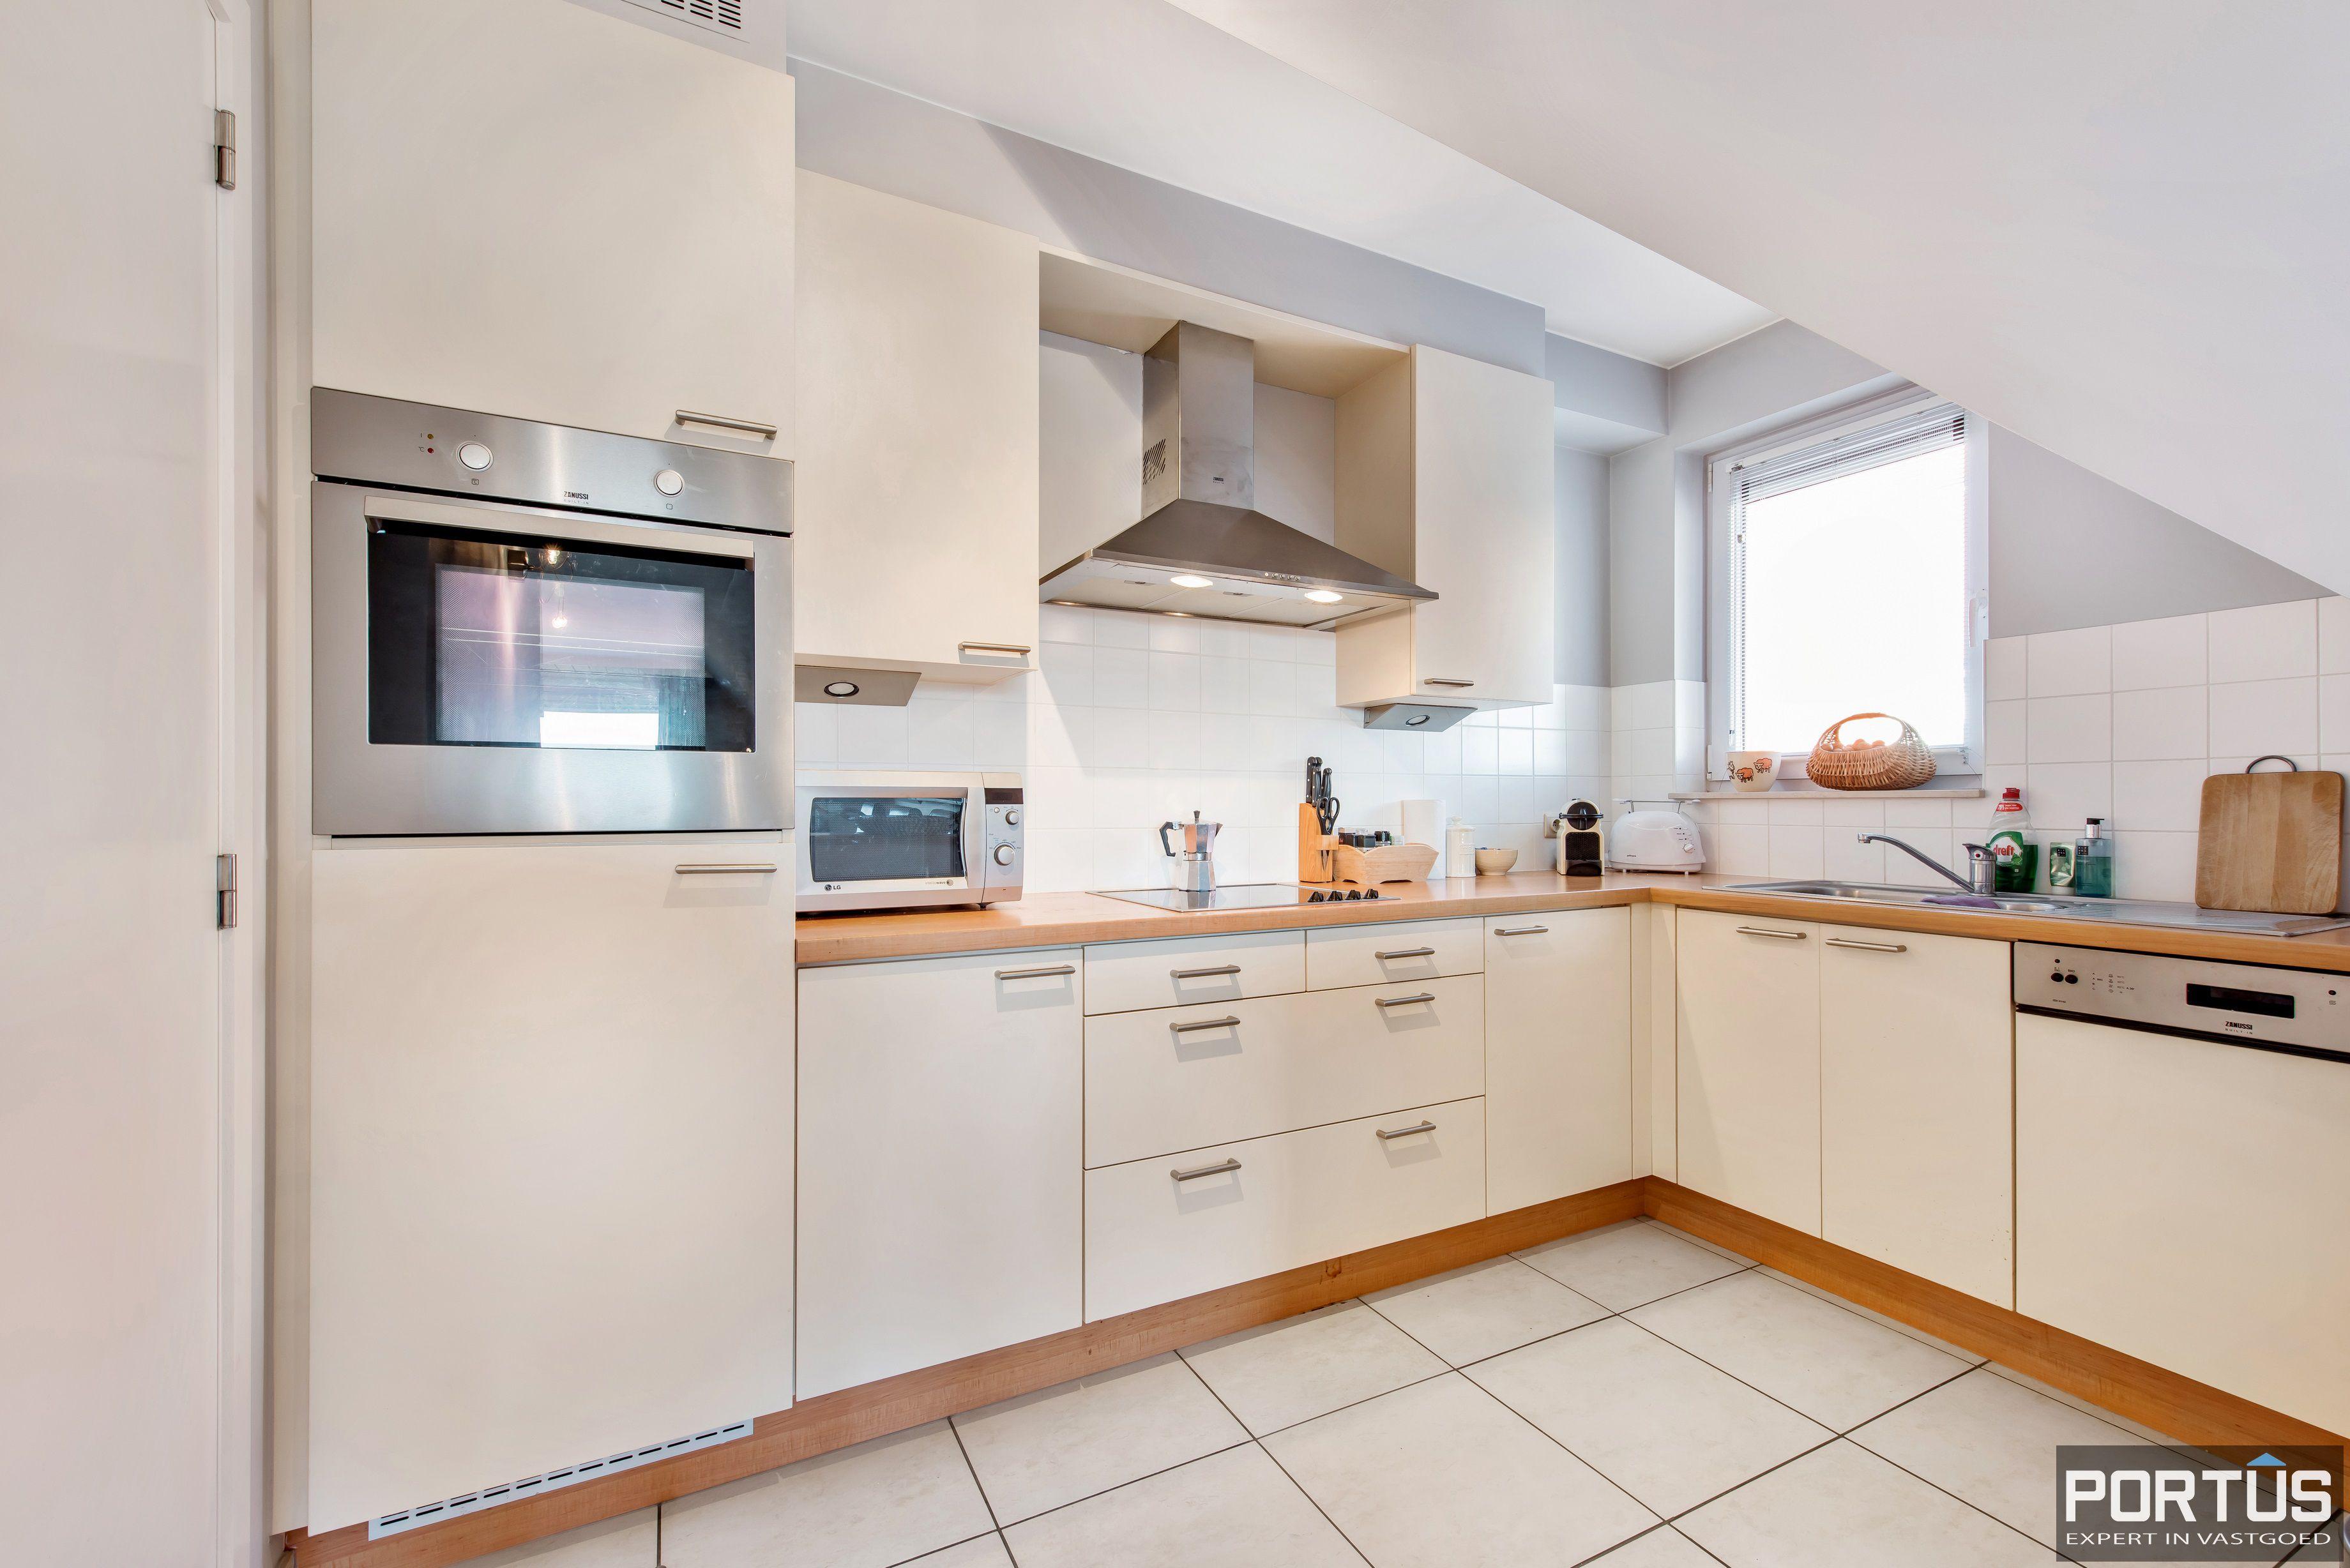 Instapklare duplex met 2 slaapkamers te koop te Nieuwpoort - 10850